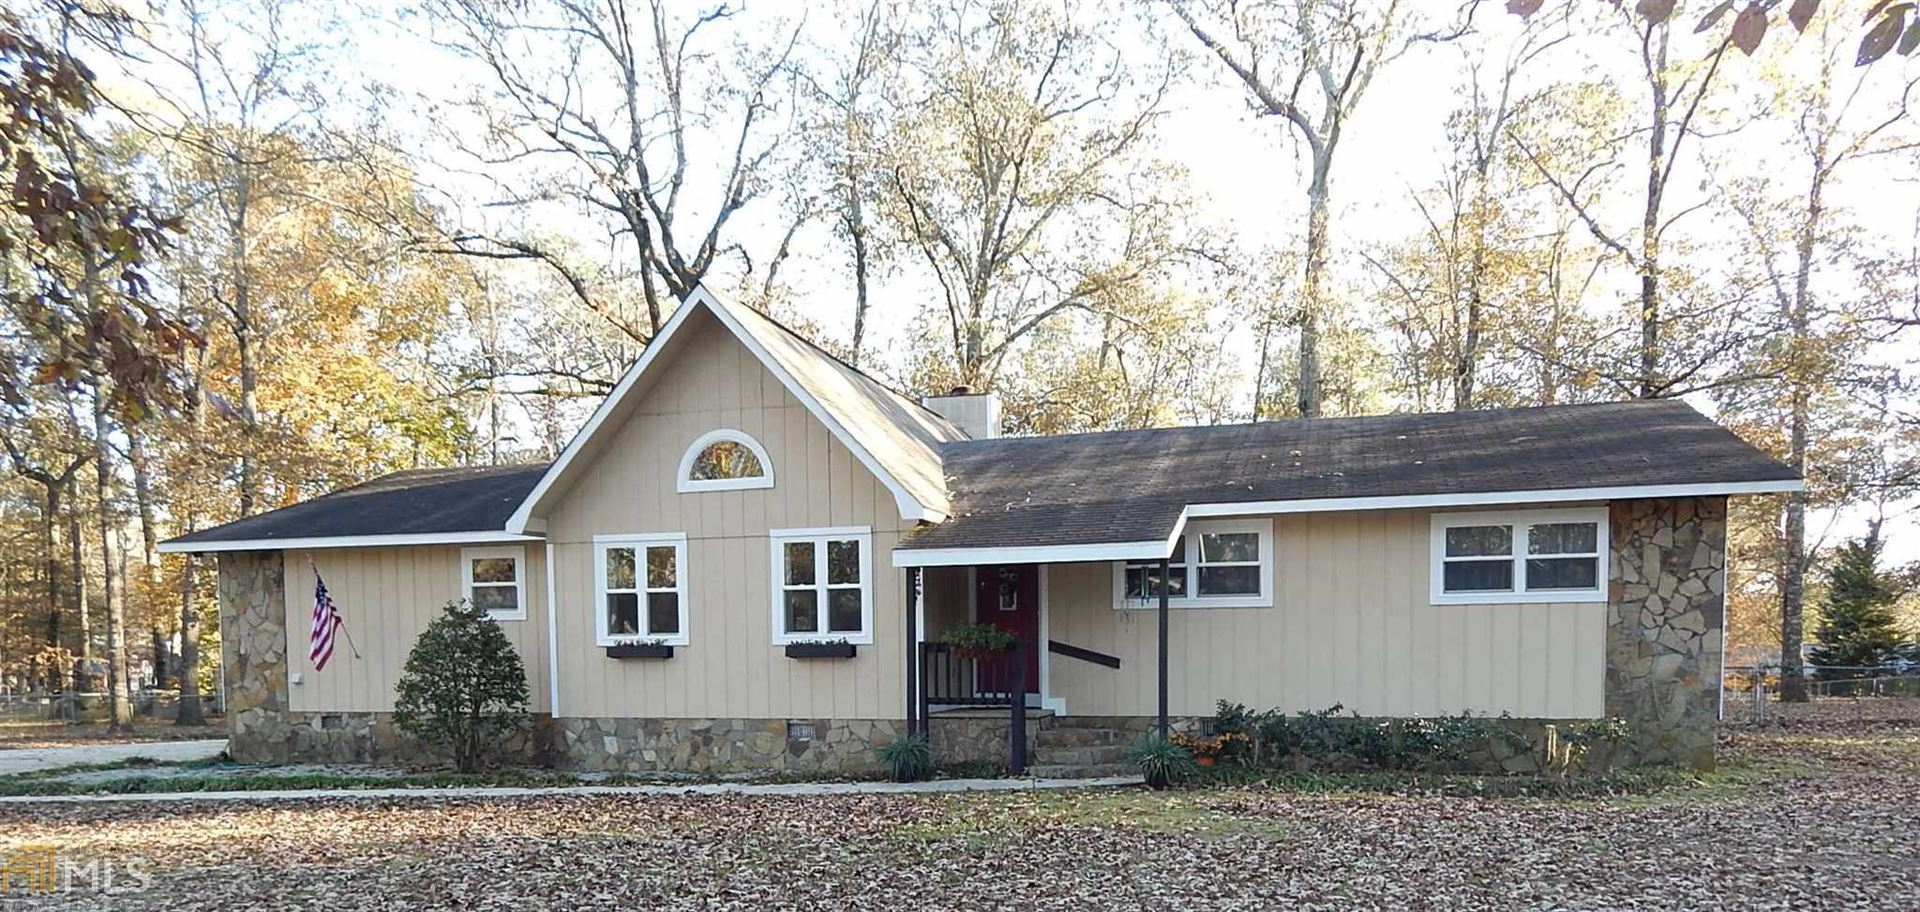 165 Majestic Oak Cir, Byron, GA 31008 - MLS#: 8880640